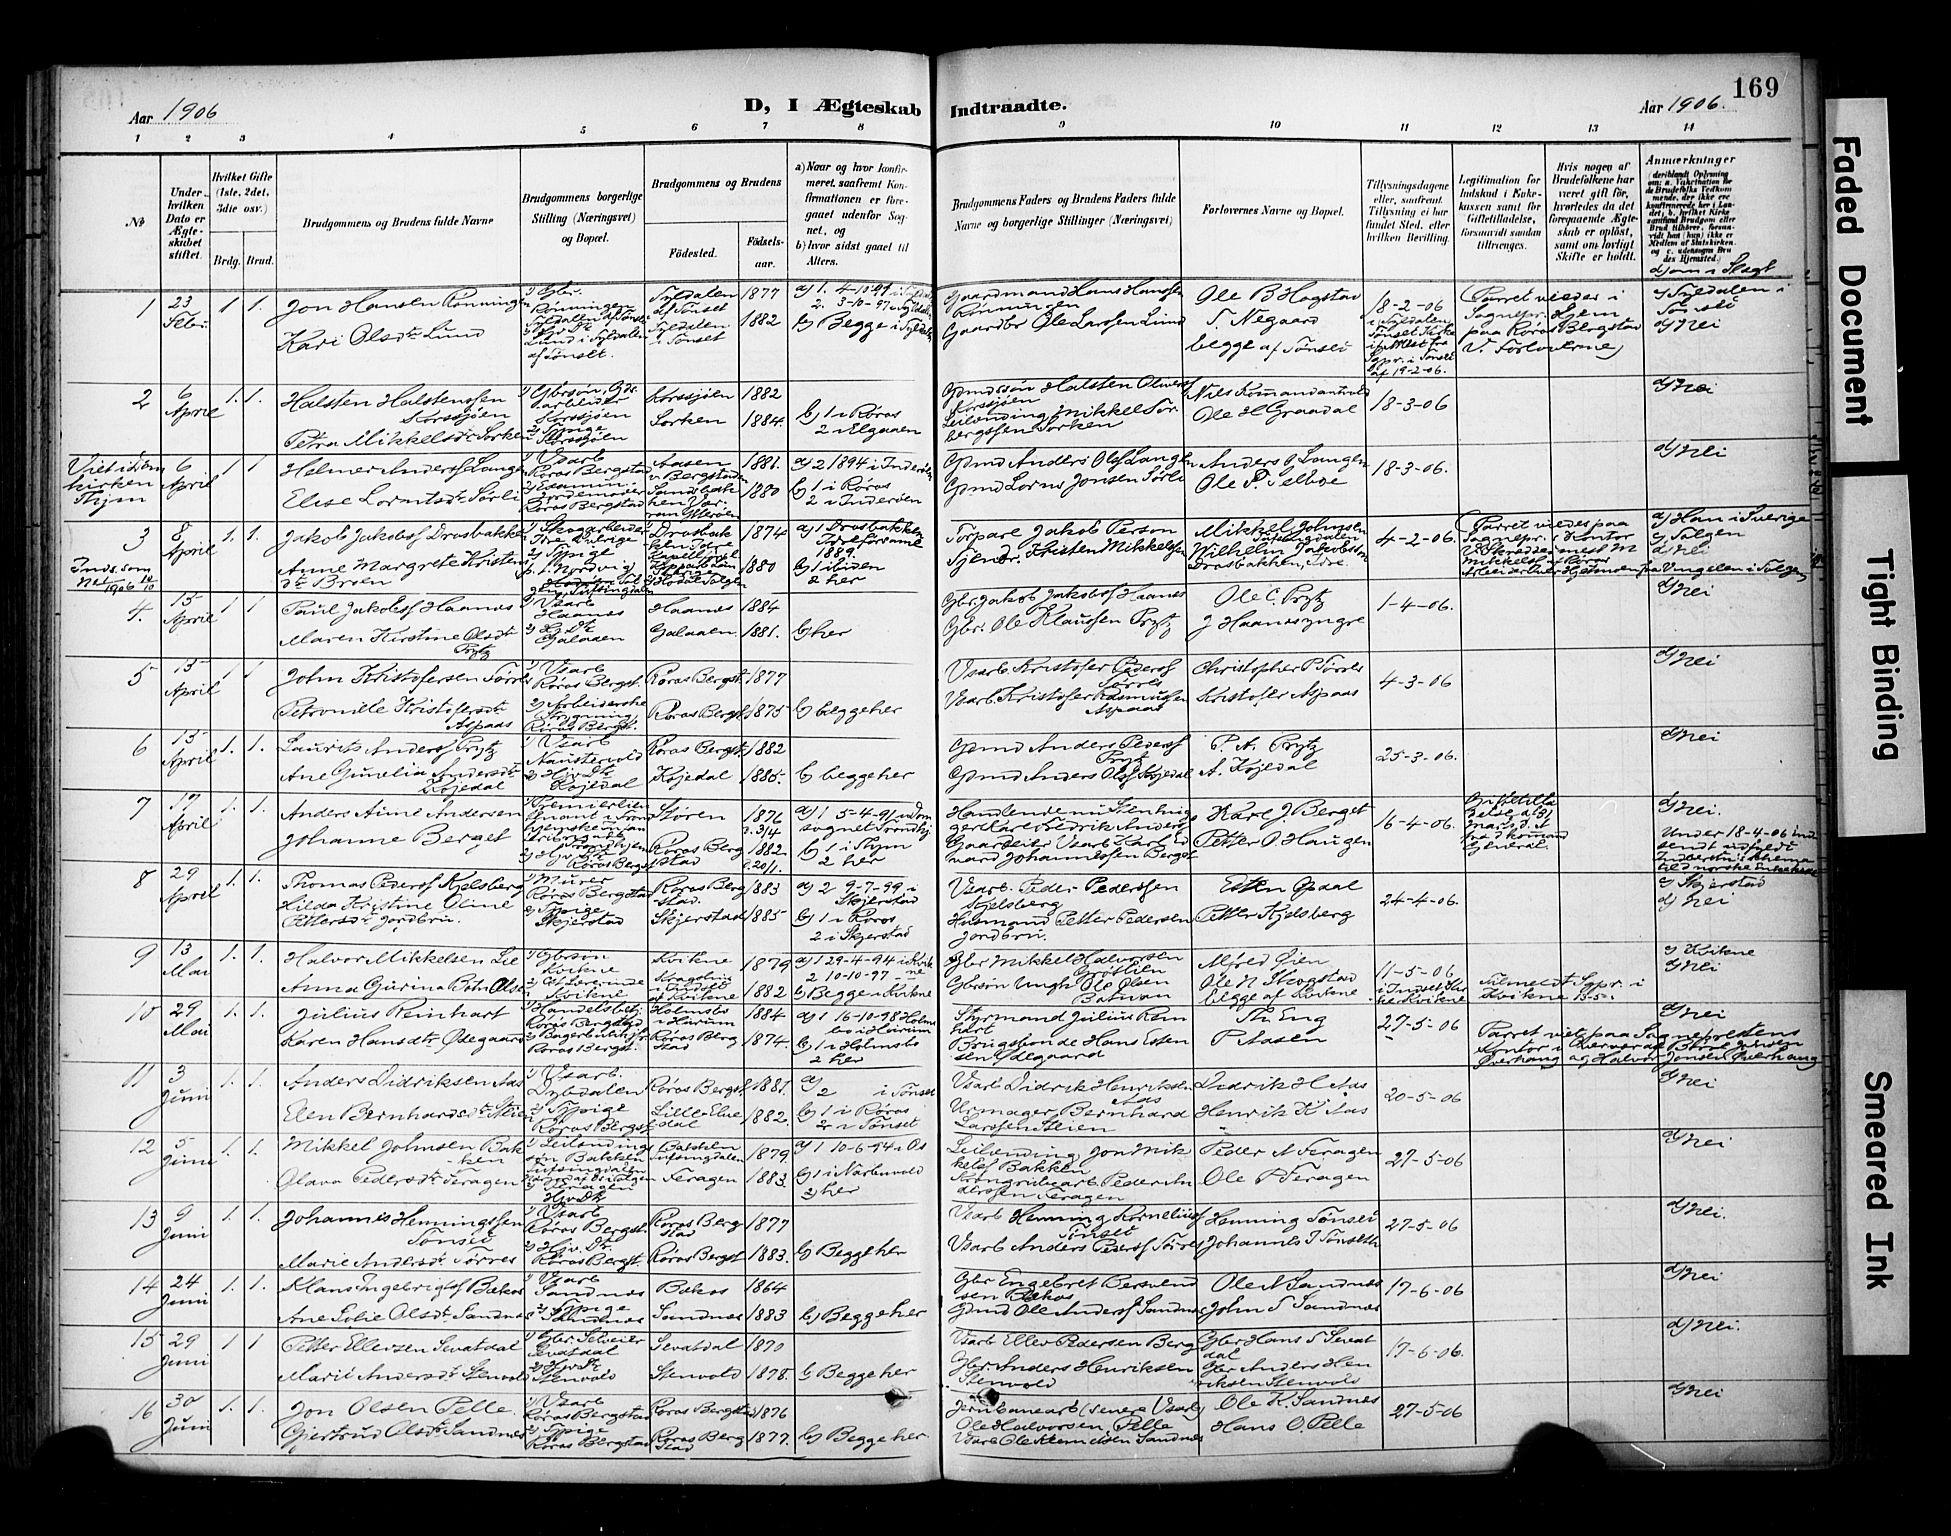 SAT, Ministerialprotokoller, klokkerbøker og fødselsregistre - Sør-Trøndelag, 681/L0936: Ministerialbok nr. 681A14, 1899-1908, s. 169